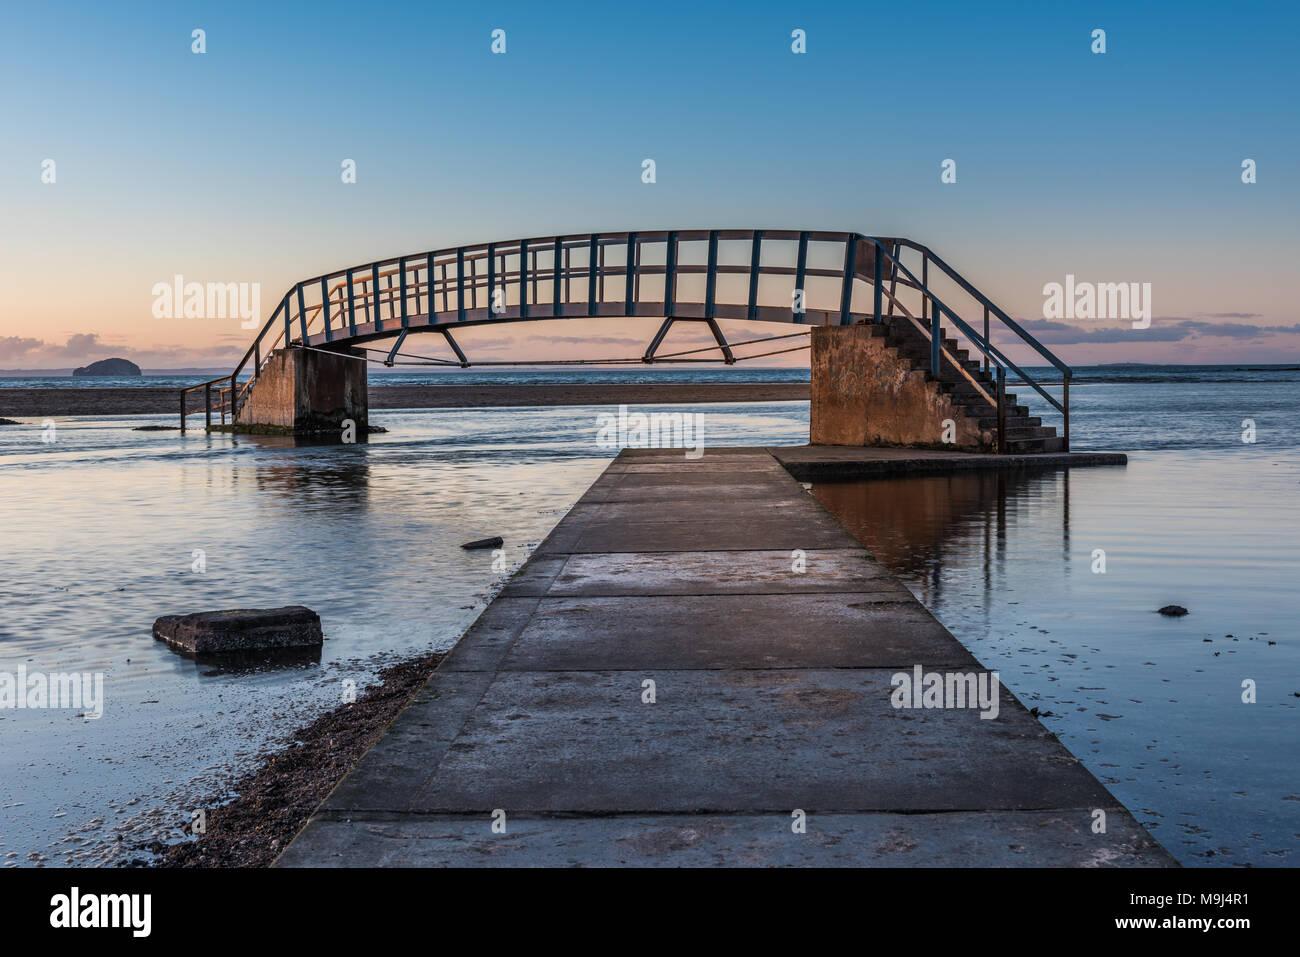 21 Diese Brücke ist als 'Bridge To Nowhere' und wurde als Teil der ...